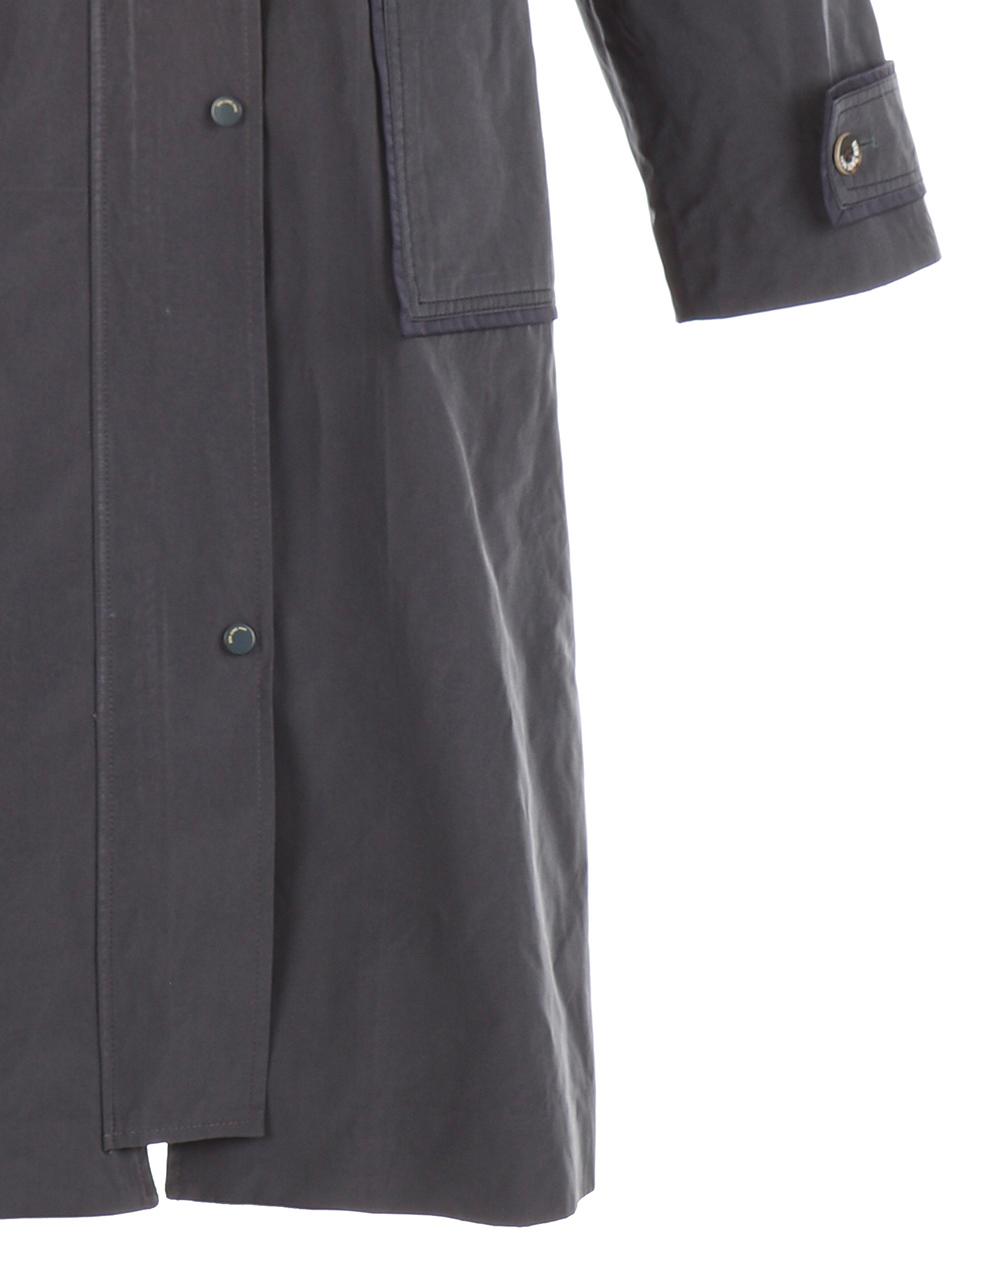 코트 상품상세 이미지-S2L30